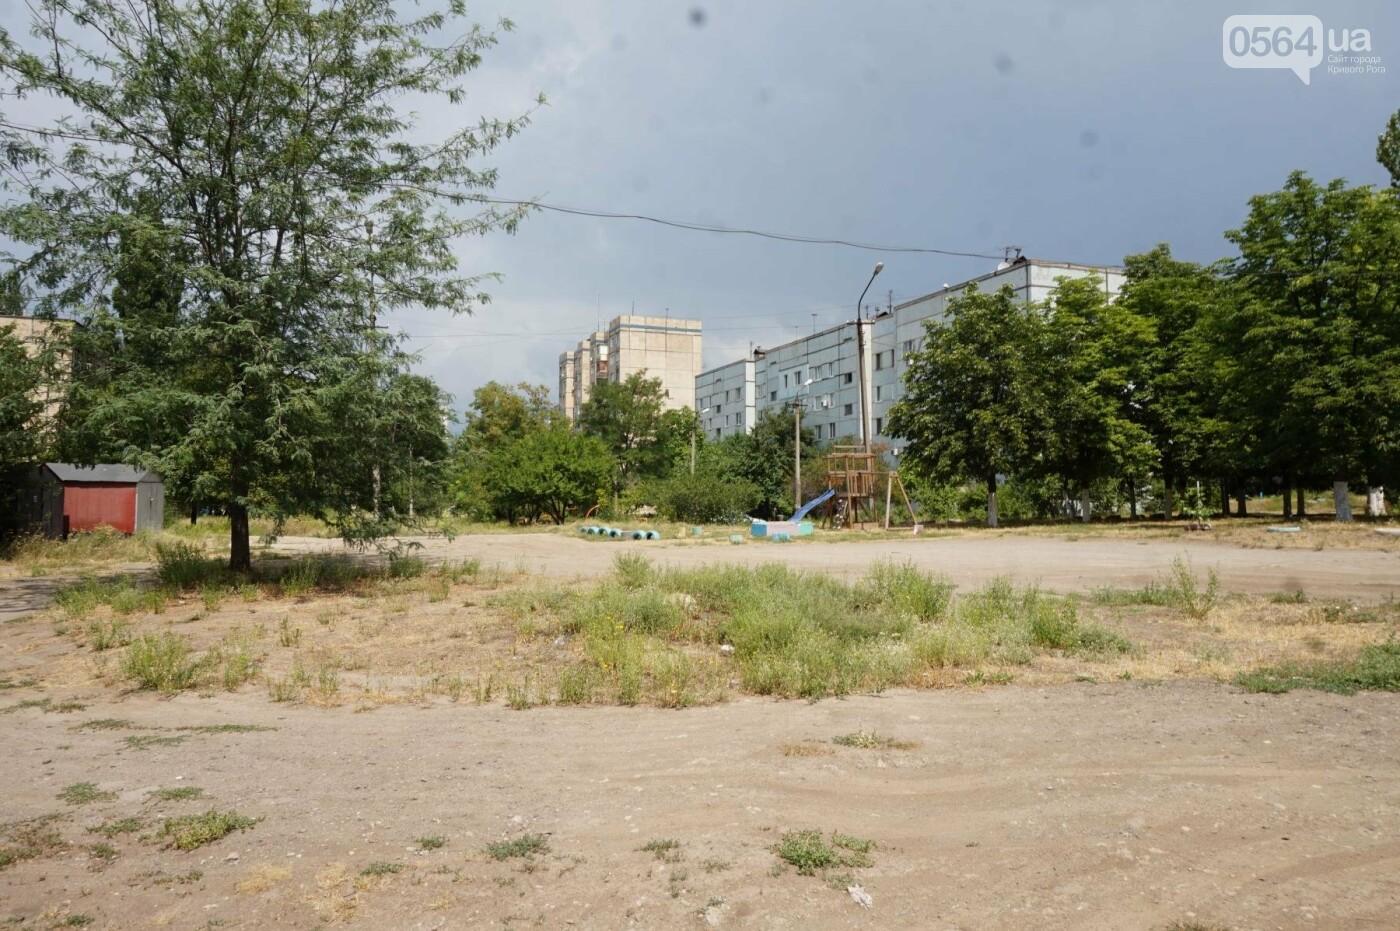 """""""Поле чудес"""": криворожане не могут добиться помощи властей, чтобы снести незаконные постройки и создать сквер, - ФОТО, фото-29"""